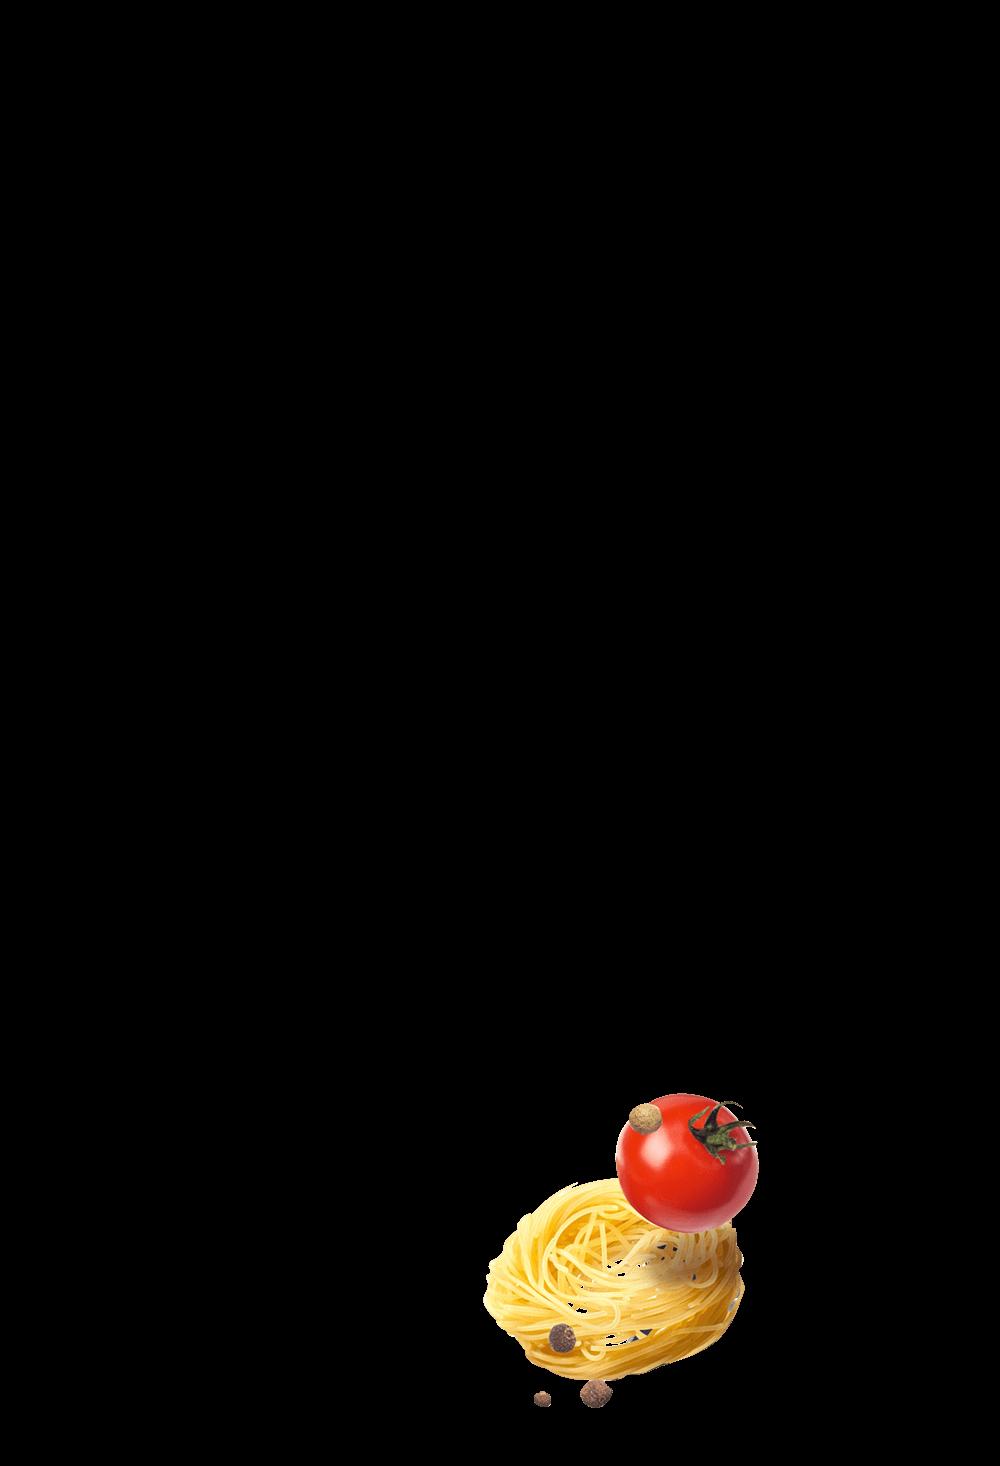 espagetti